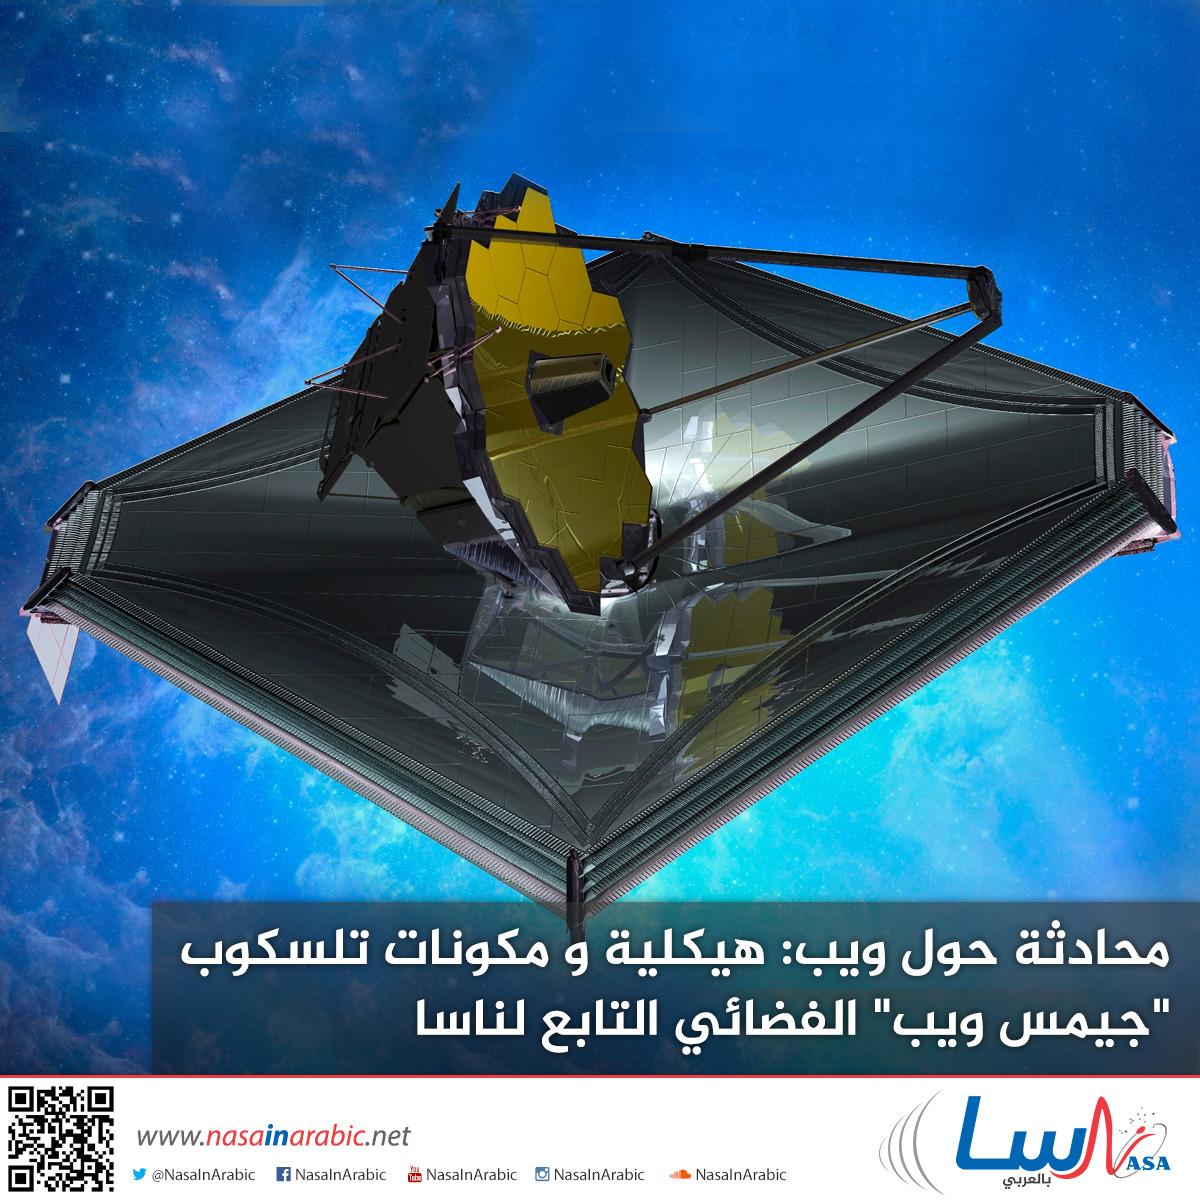 محادثة حول ويب: هيكلية و مكونات تلسكوب